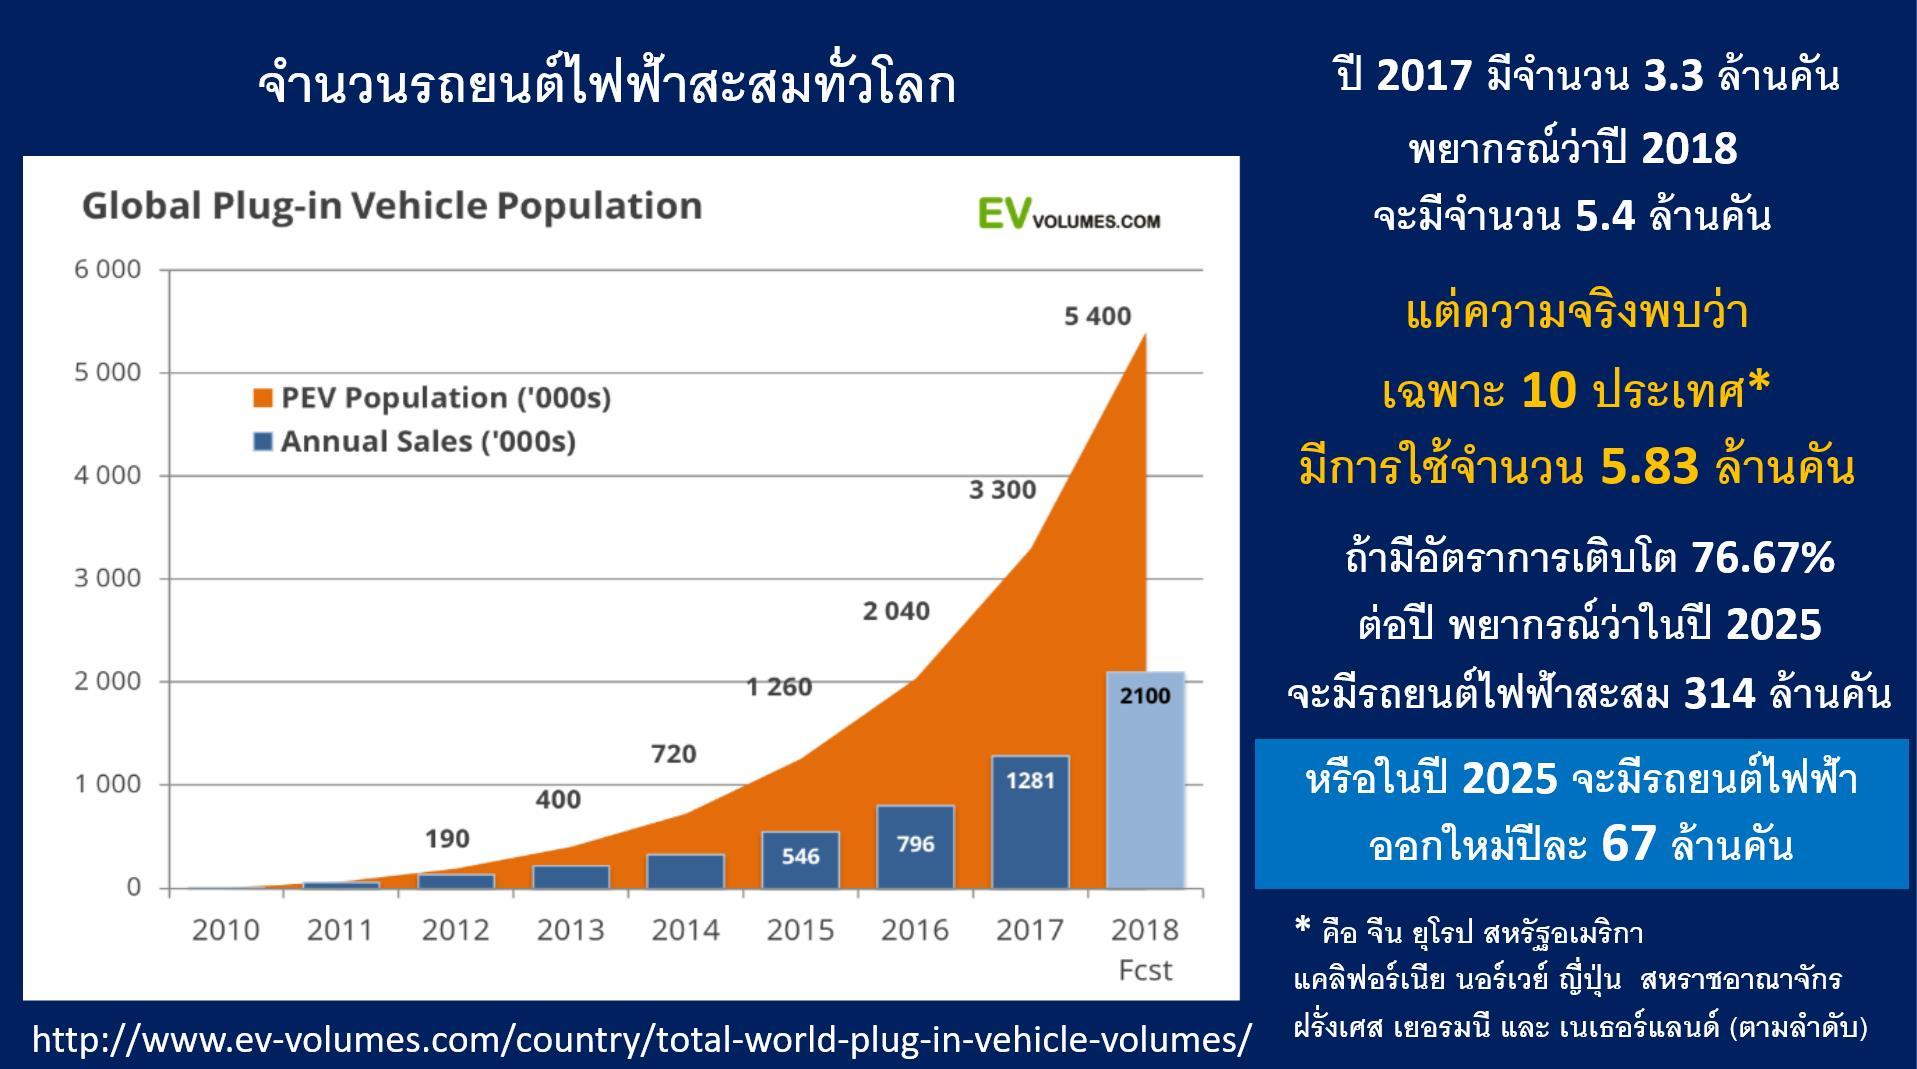 ฤาคนไทยจะได้ใช้รถยนต์ไฟฟ้าเป็นประเทศสุดท้ายของโลก?